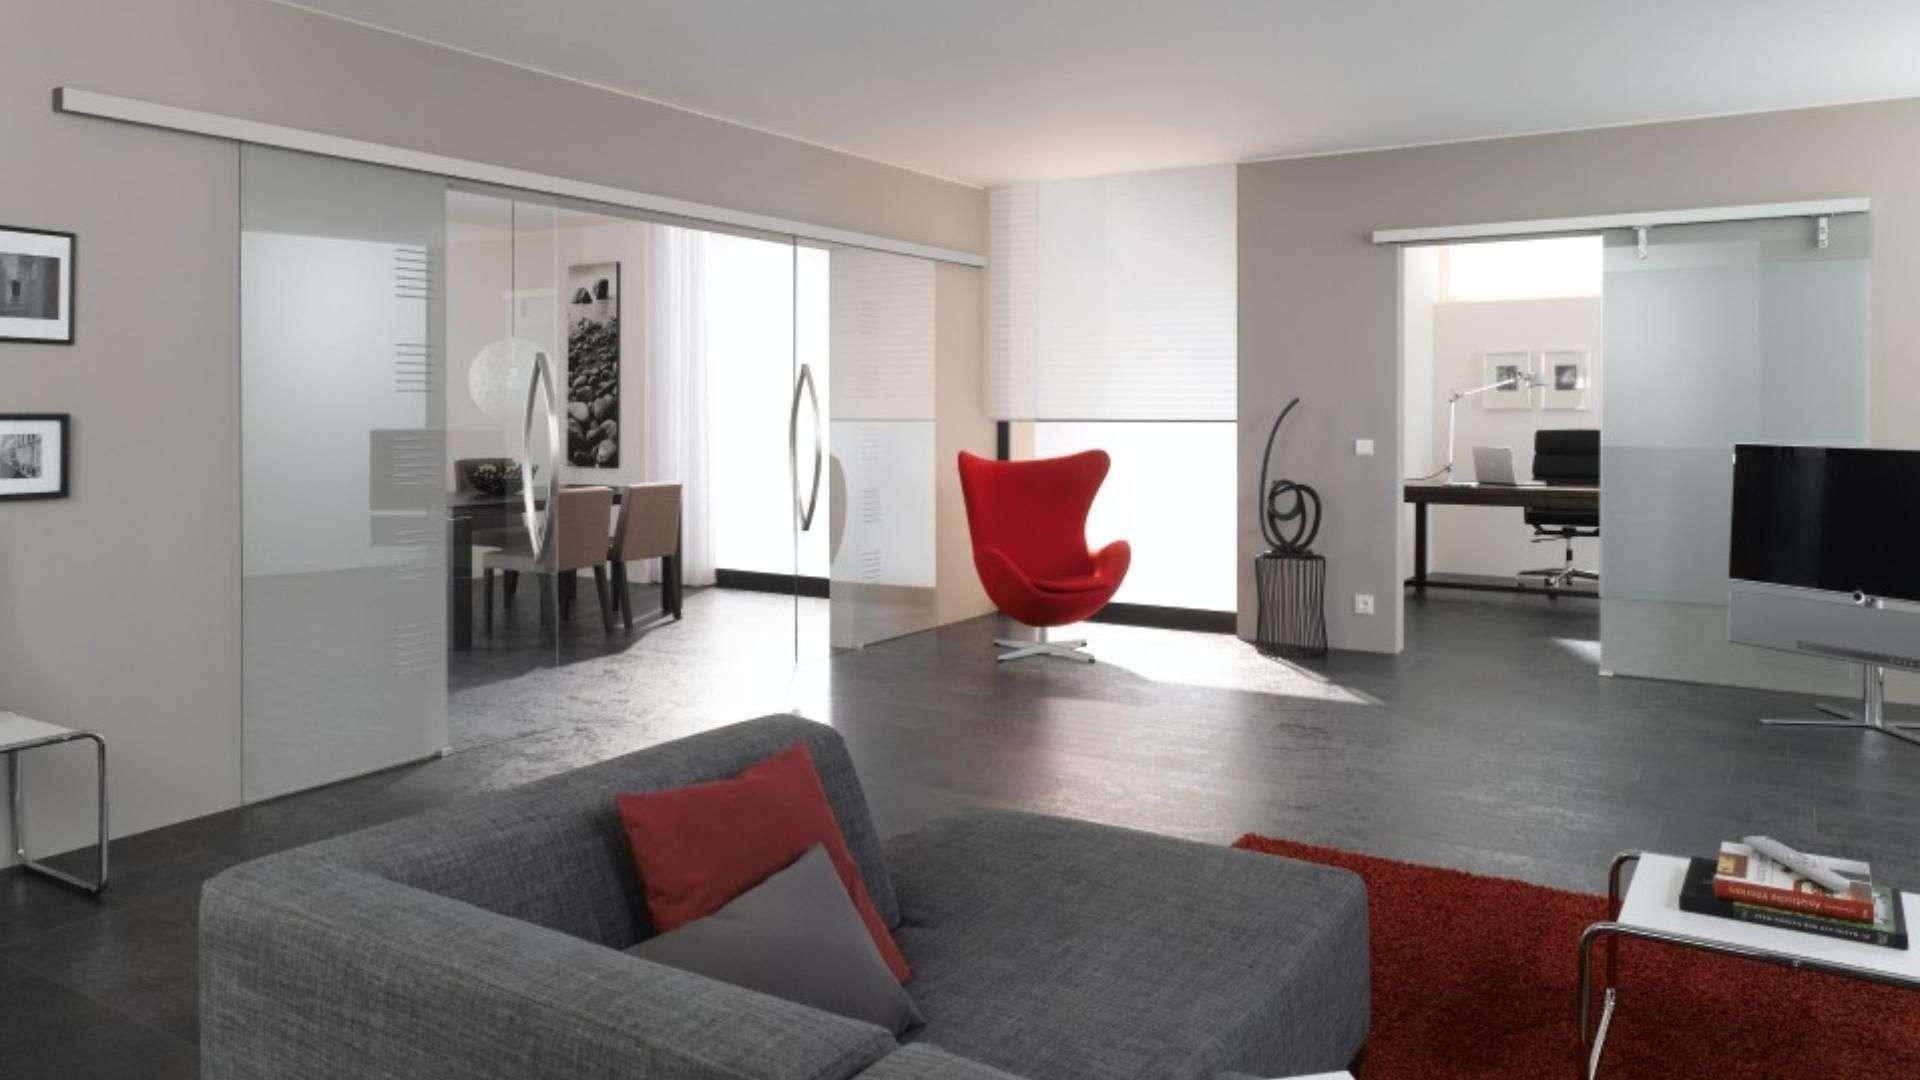 Wohnziemmer mit zwei großen Schiebetüren aus Glas